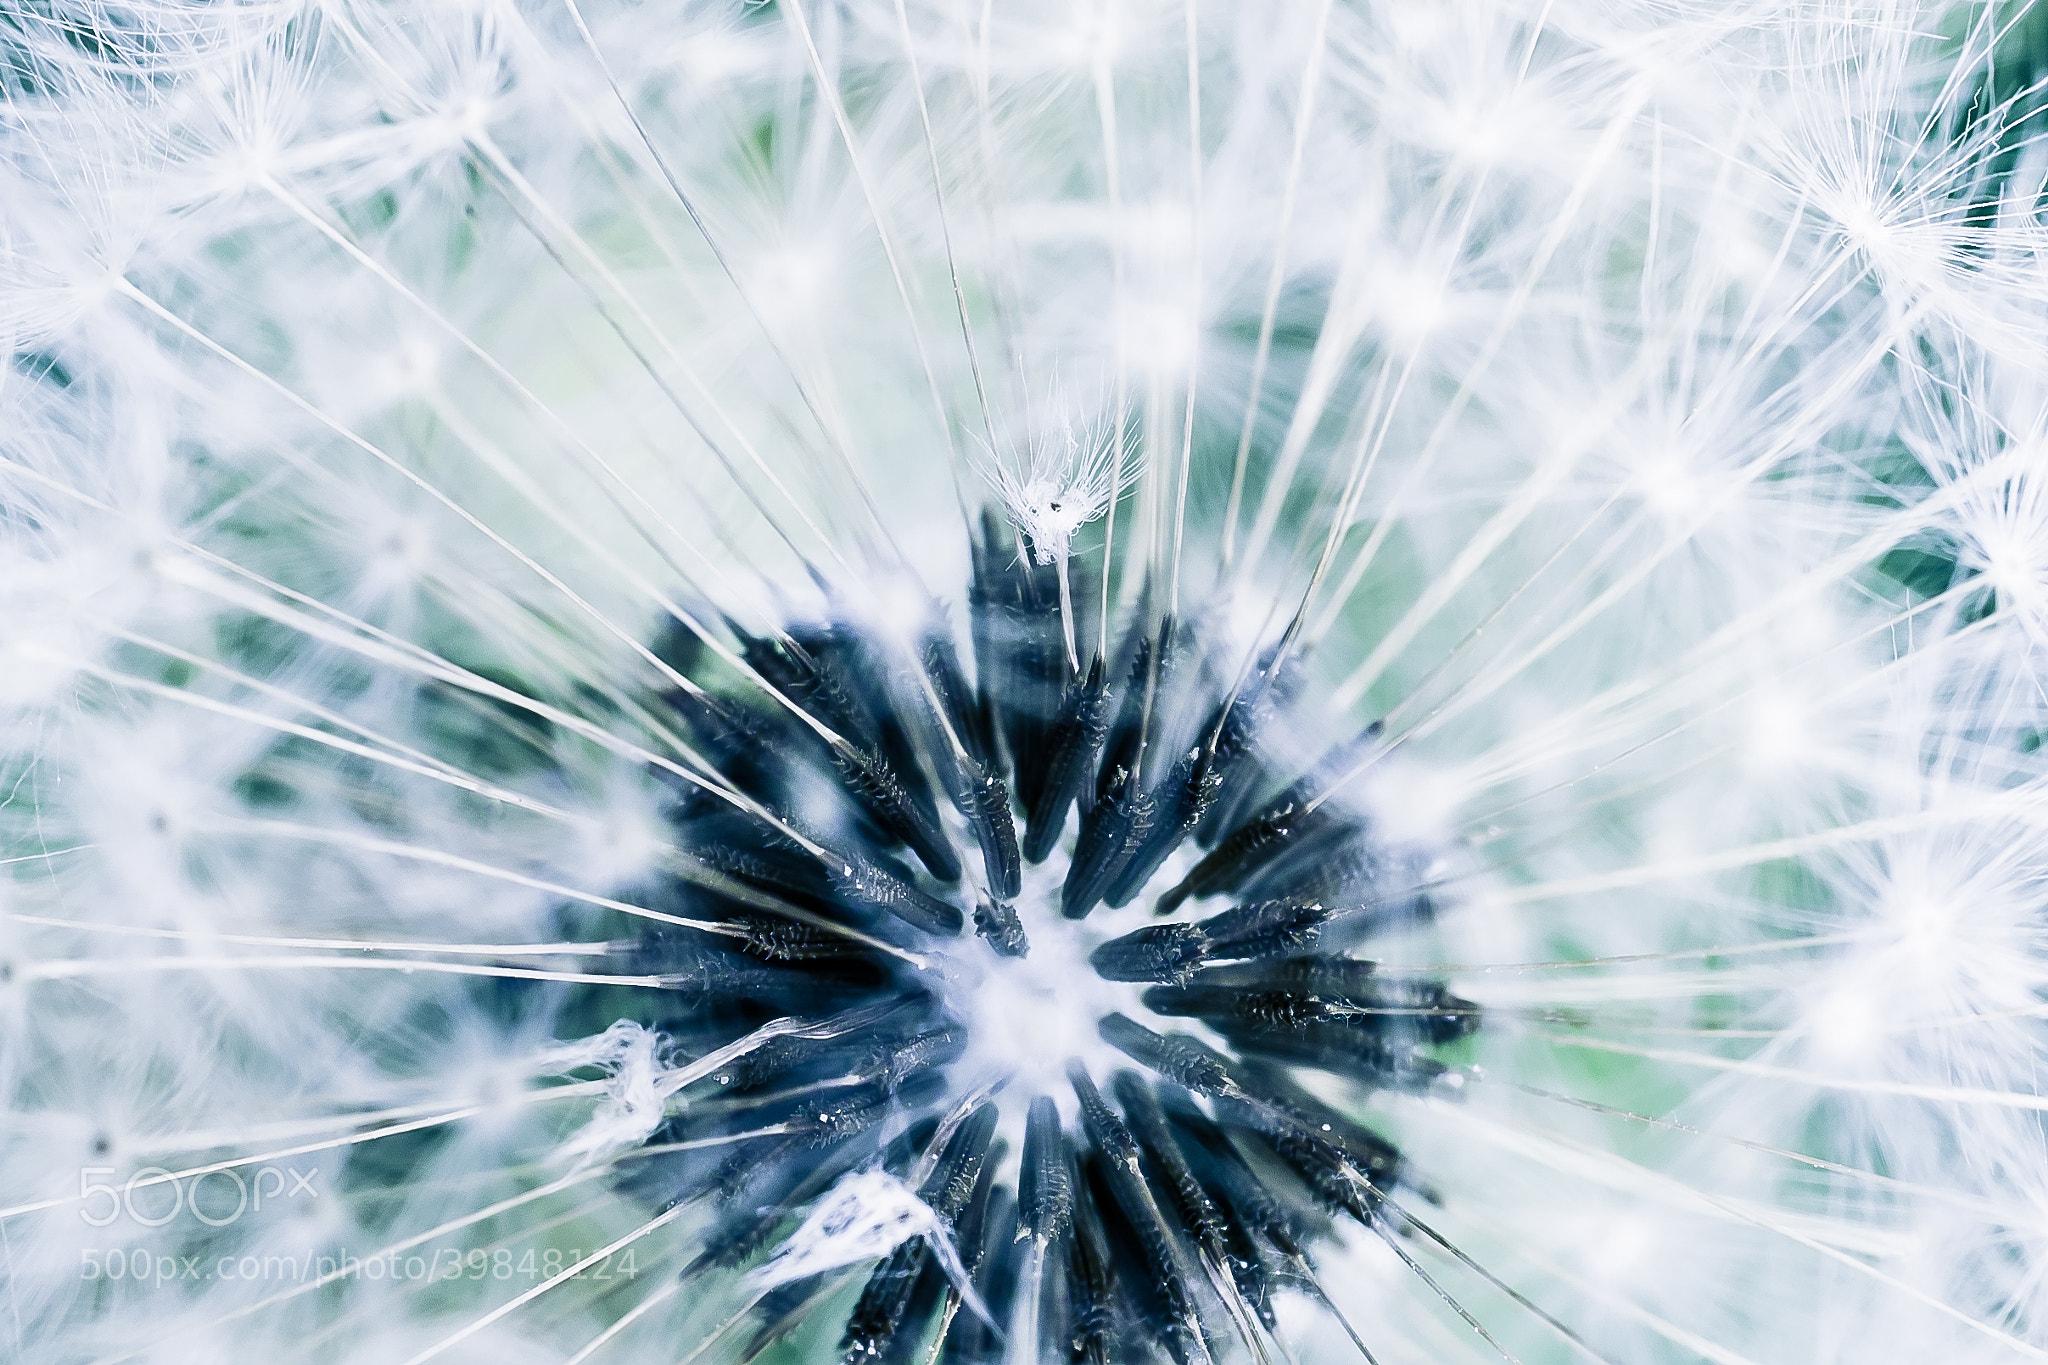 Photograph Untitled by Damjan Ðuranović on 500px